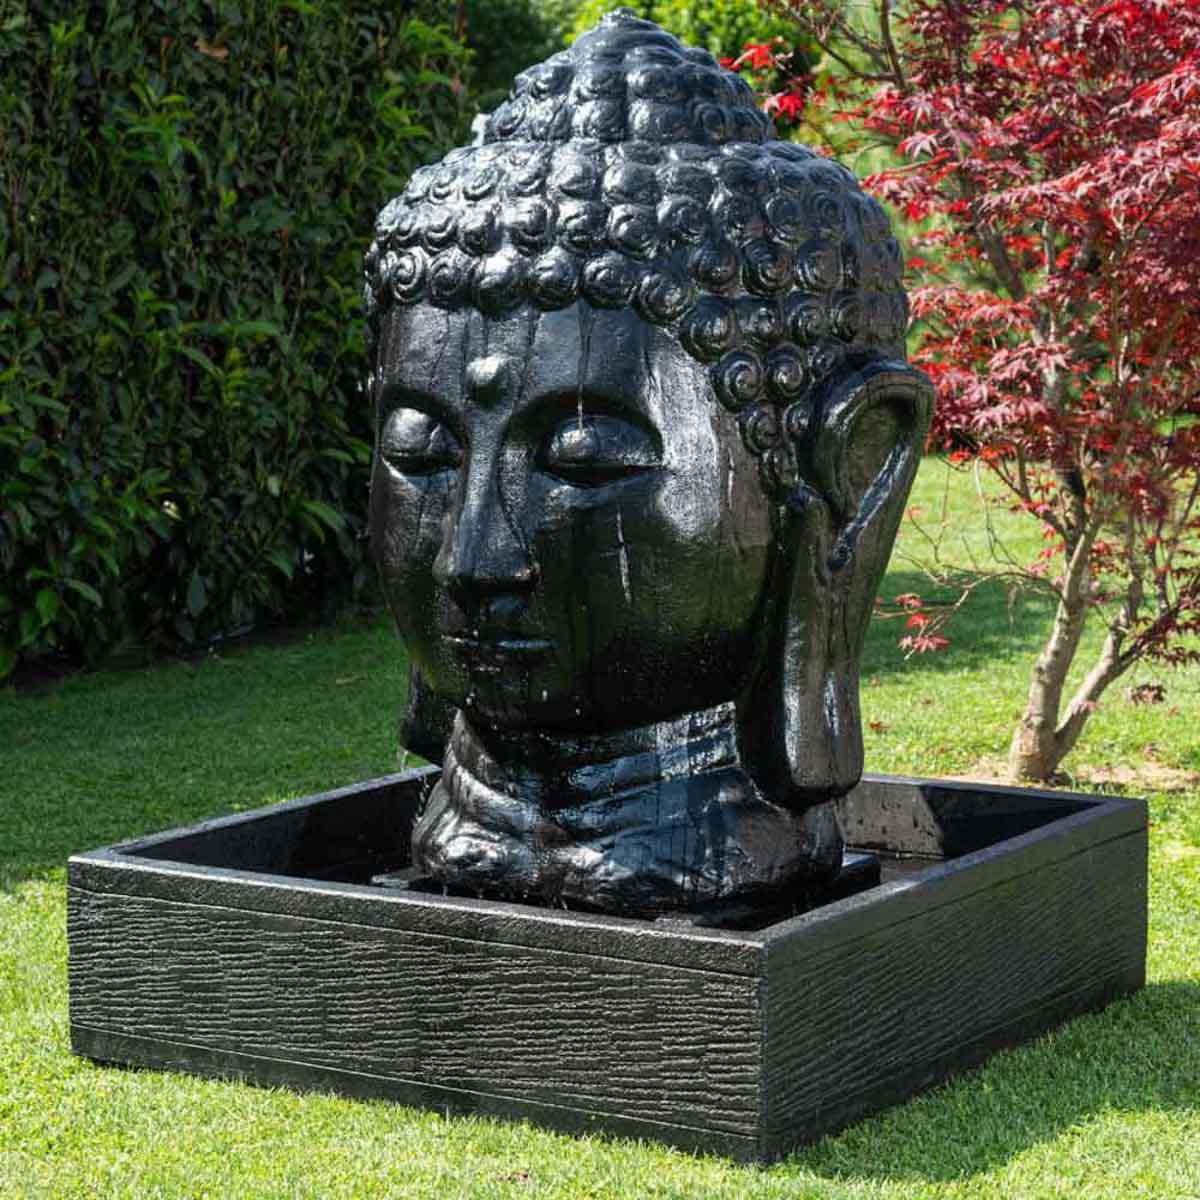 fontaine de jardin fontaine avec bassin t te de bouddha noire h 1 m 30. Black Bedroom Furniture Sets. Home Design Ideas